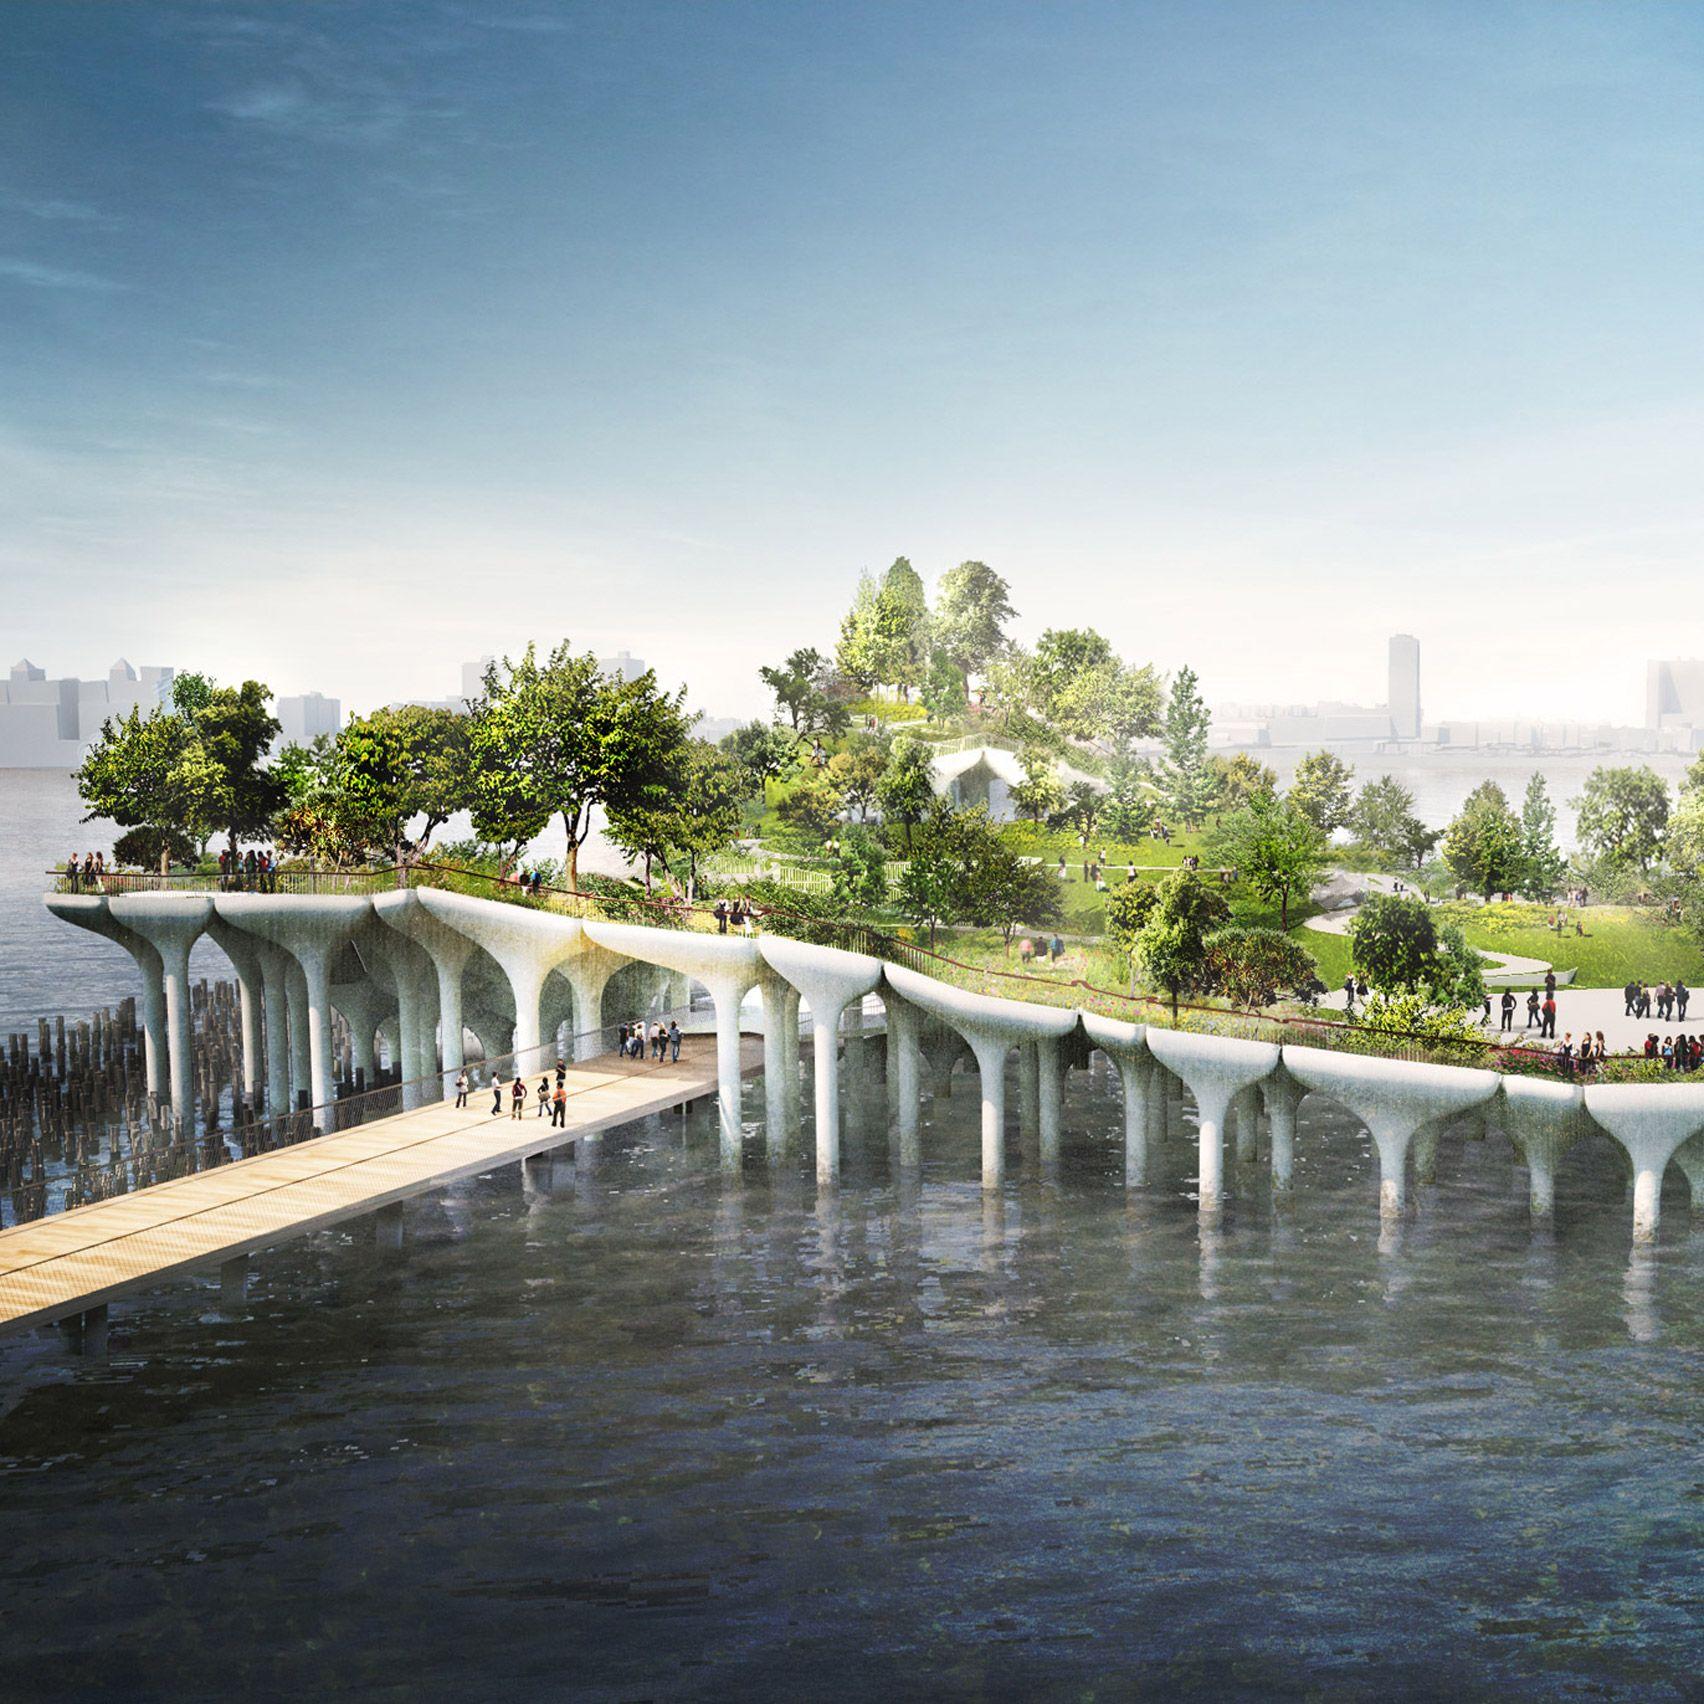 הושהתה בנייתו של pier 55, האי המלאכותי במנהטן